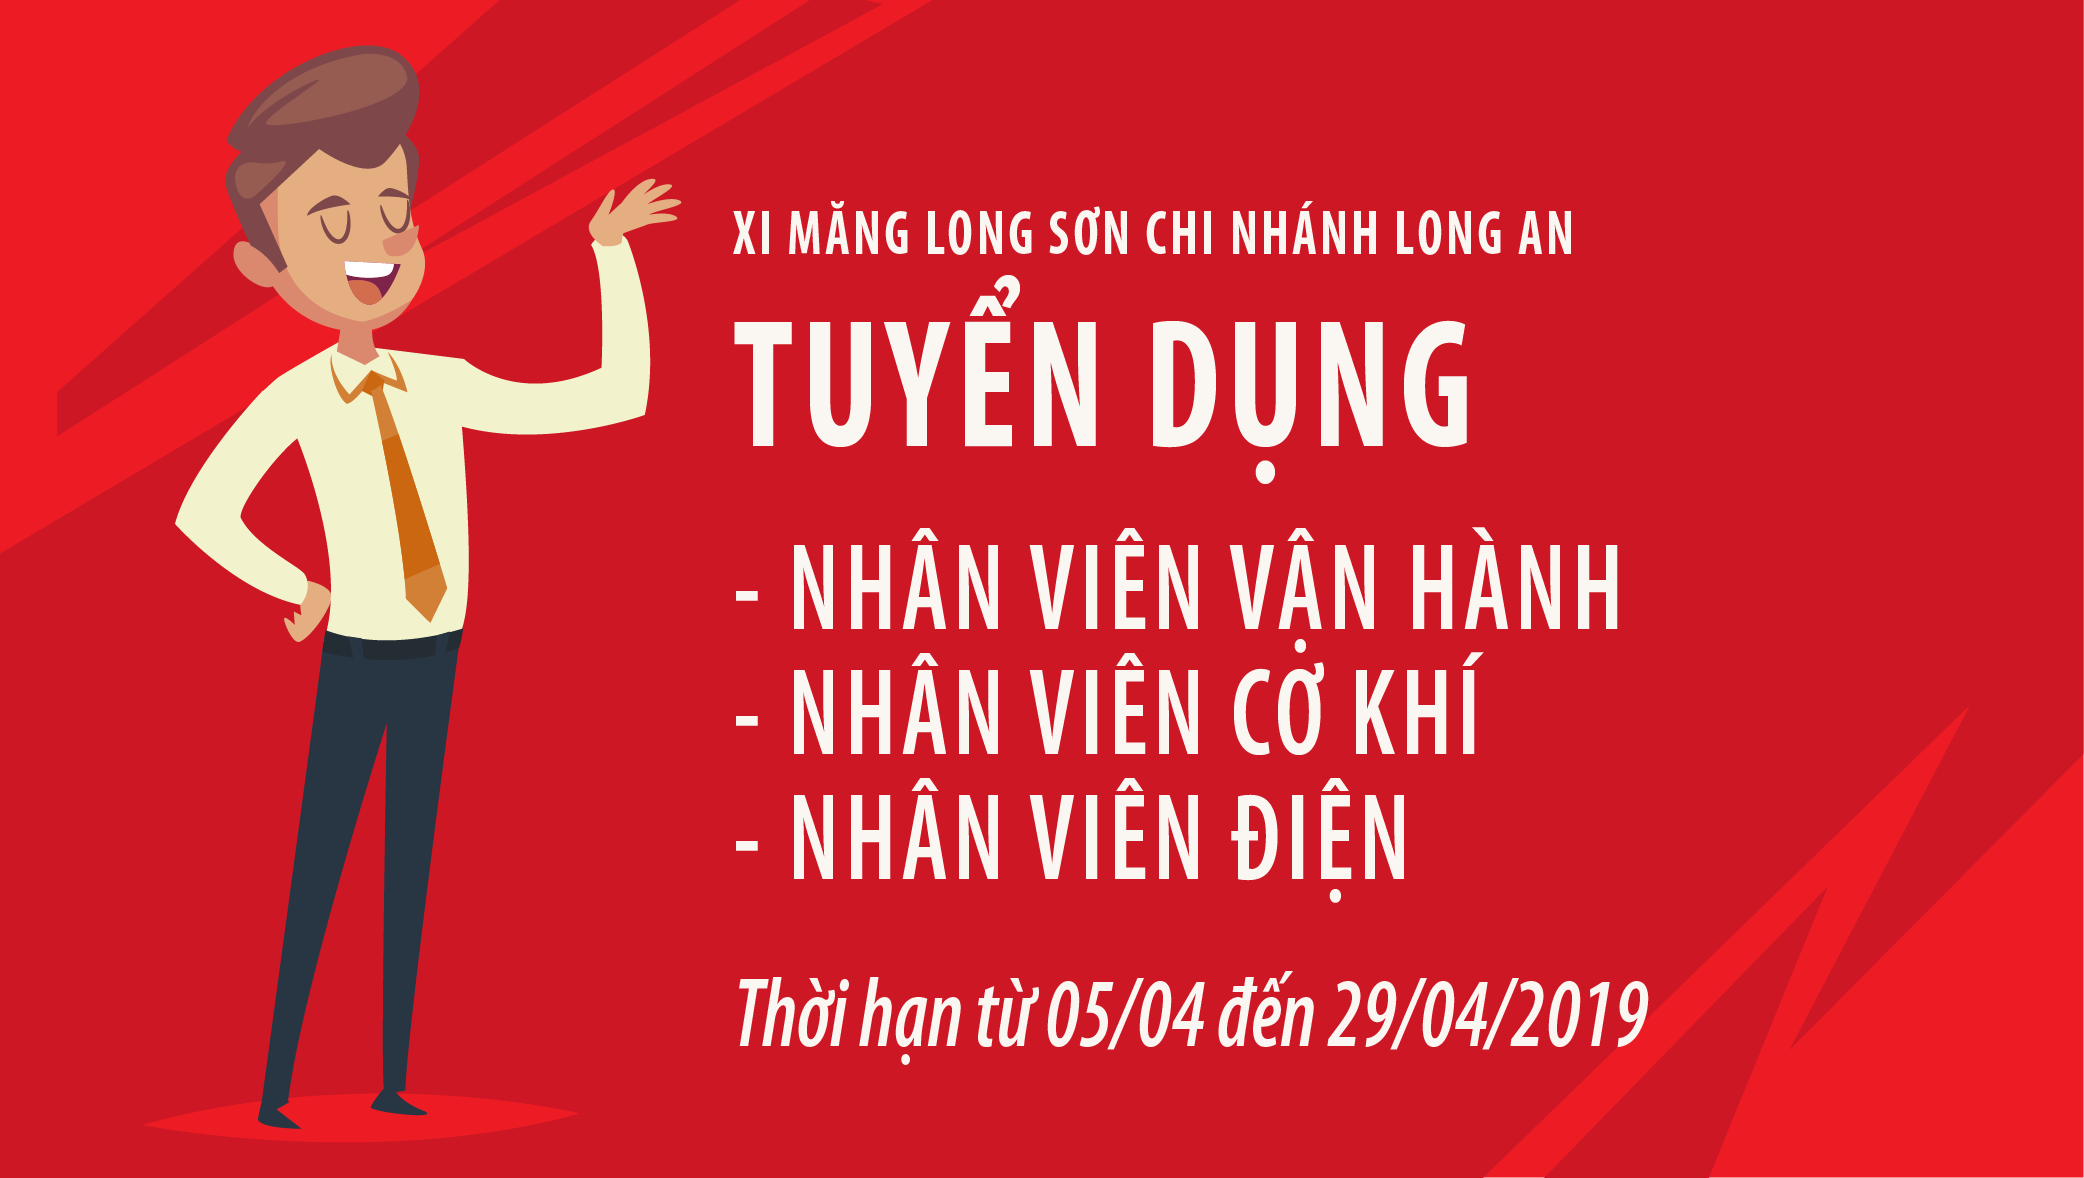 Nhà máy đóng bao Xi măng Long Sơn tại Long An  – Thông báo tuyển dụng.